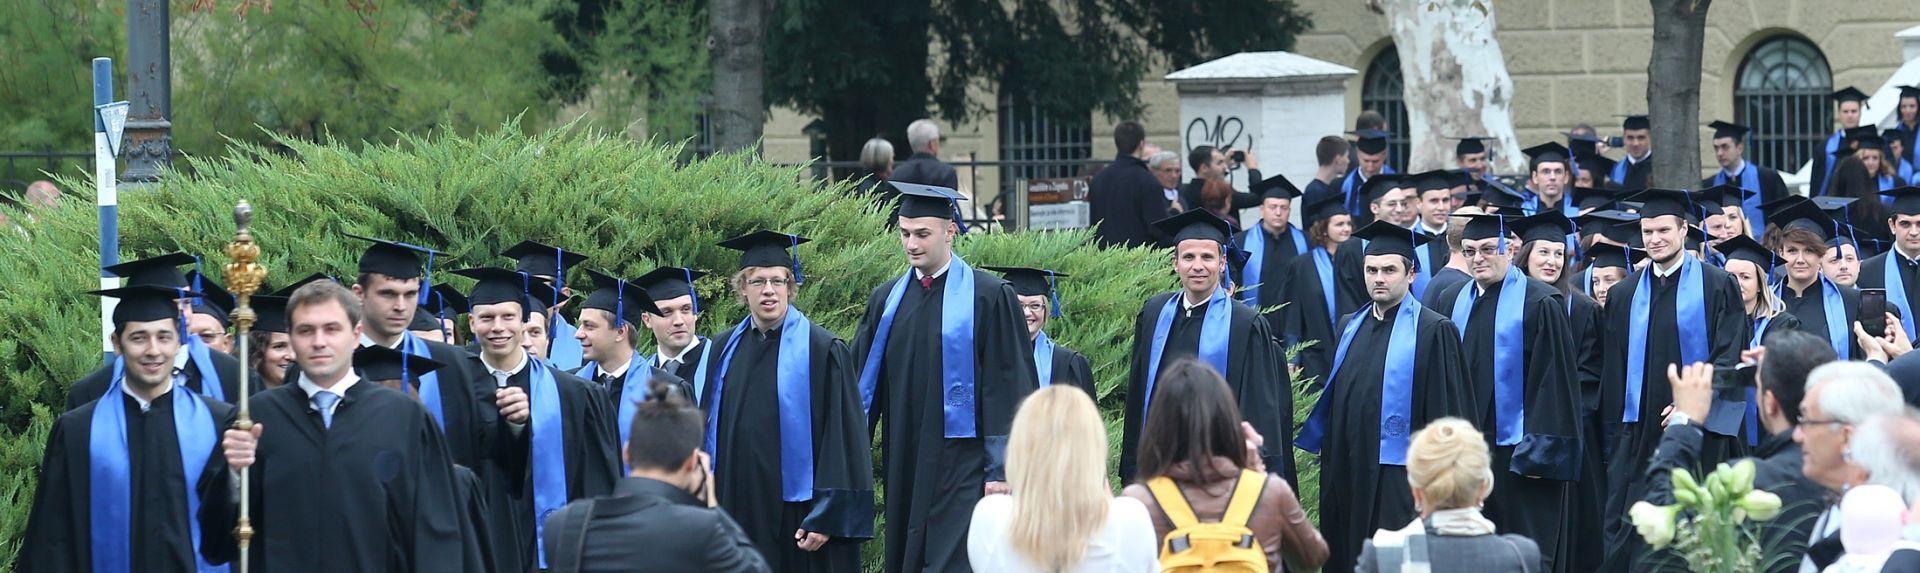 COFLEK UDESNO Sveučilište dobilo nova 292 doktora znanosti i umjetnosti